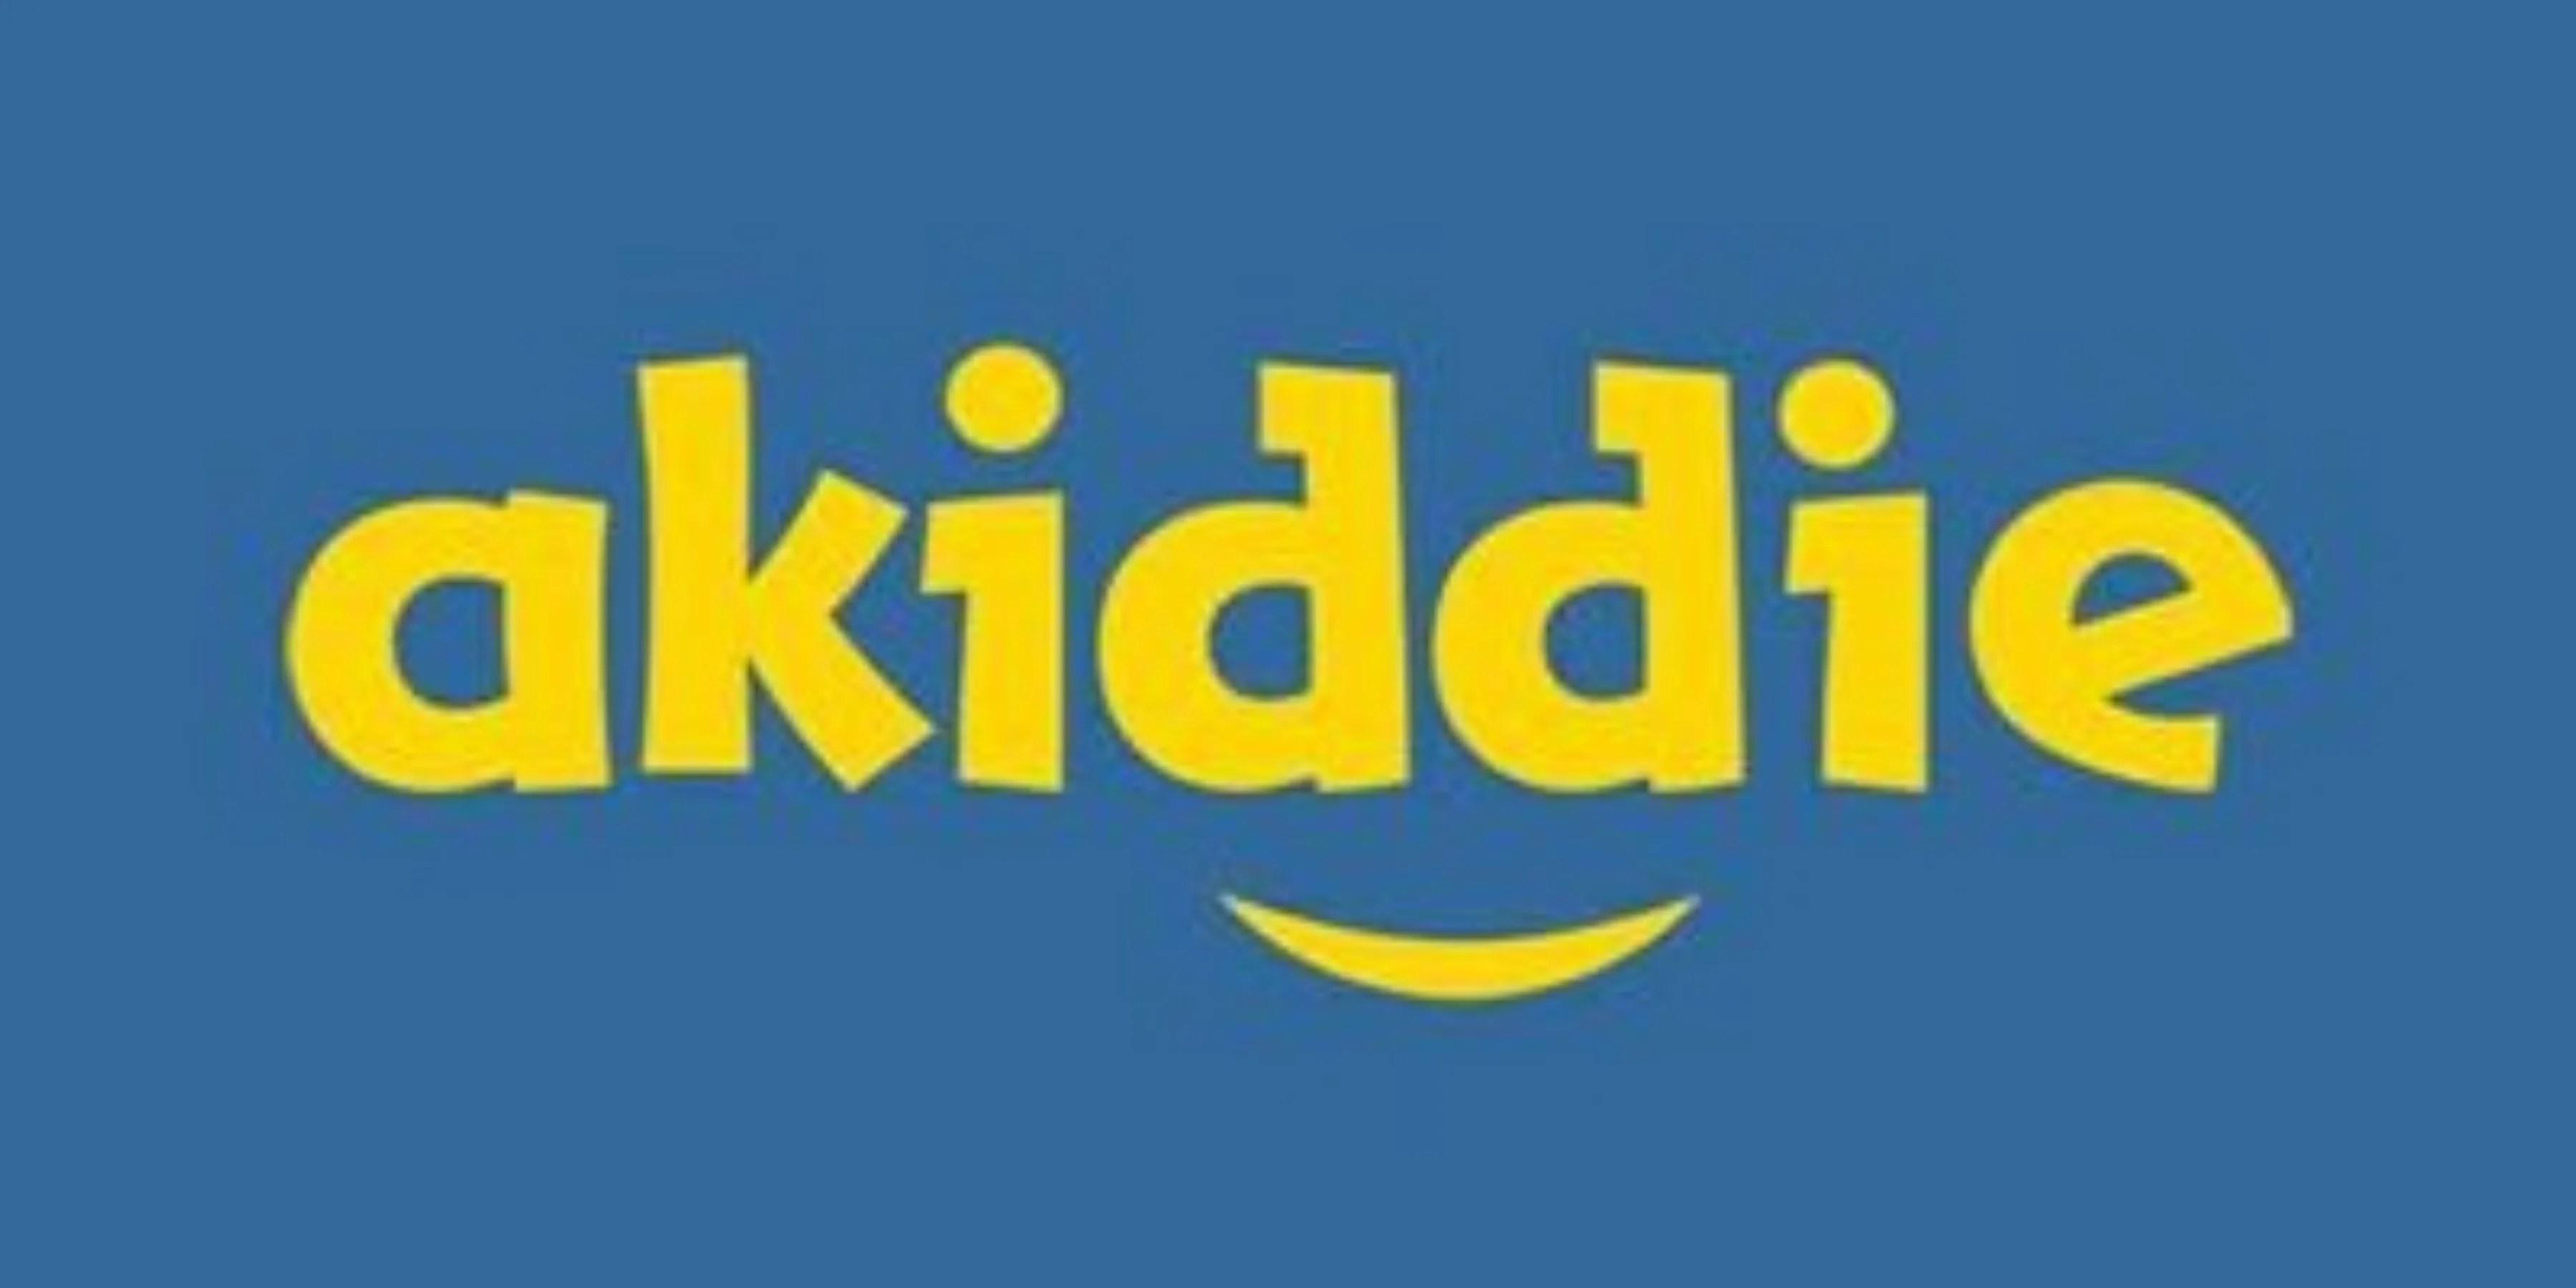 Akiddie